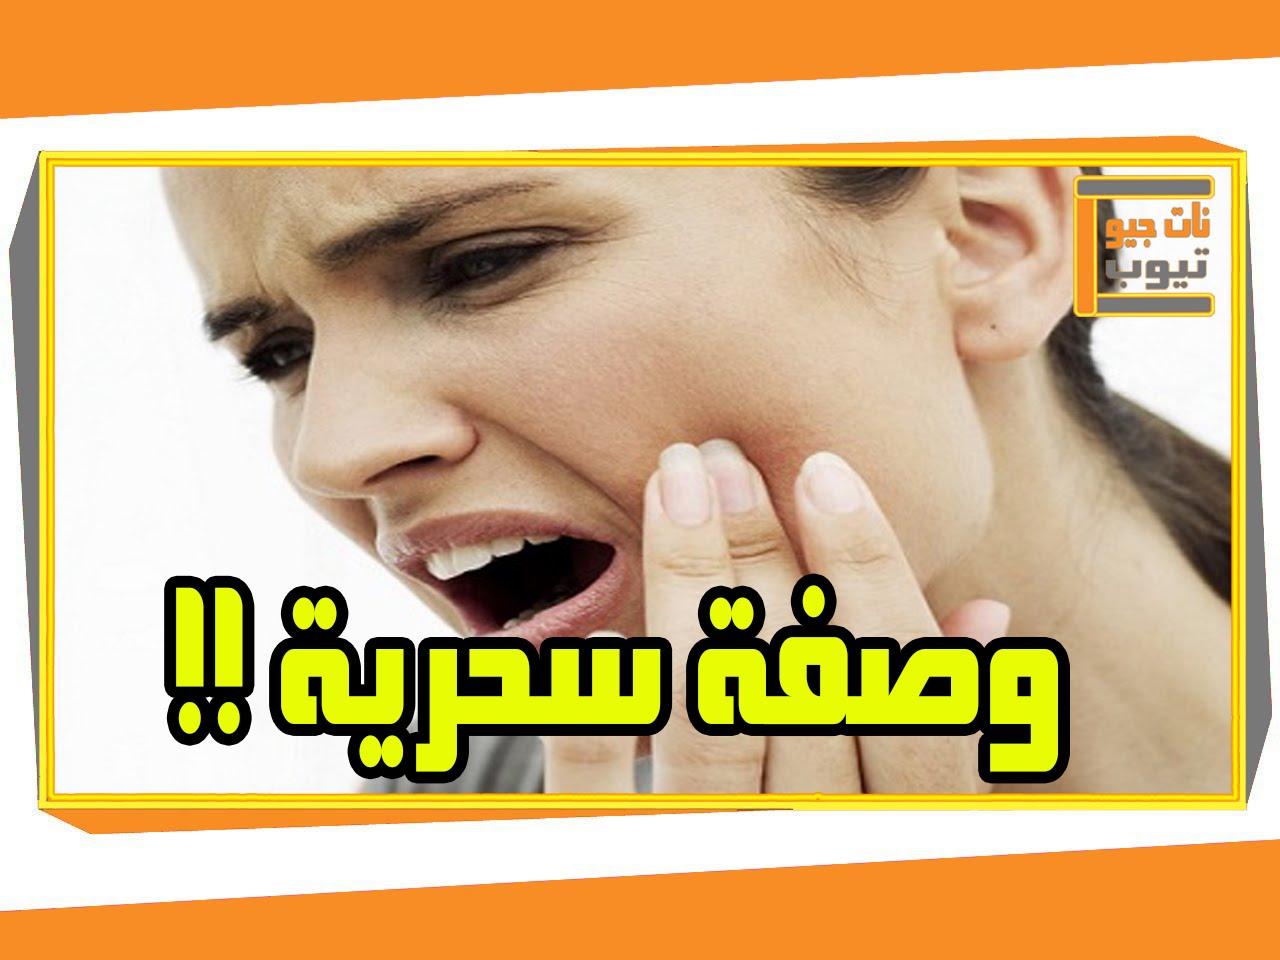 صوره تسكين الم الاسنان , وصفة معجزة لتخفيف الام الاسنان